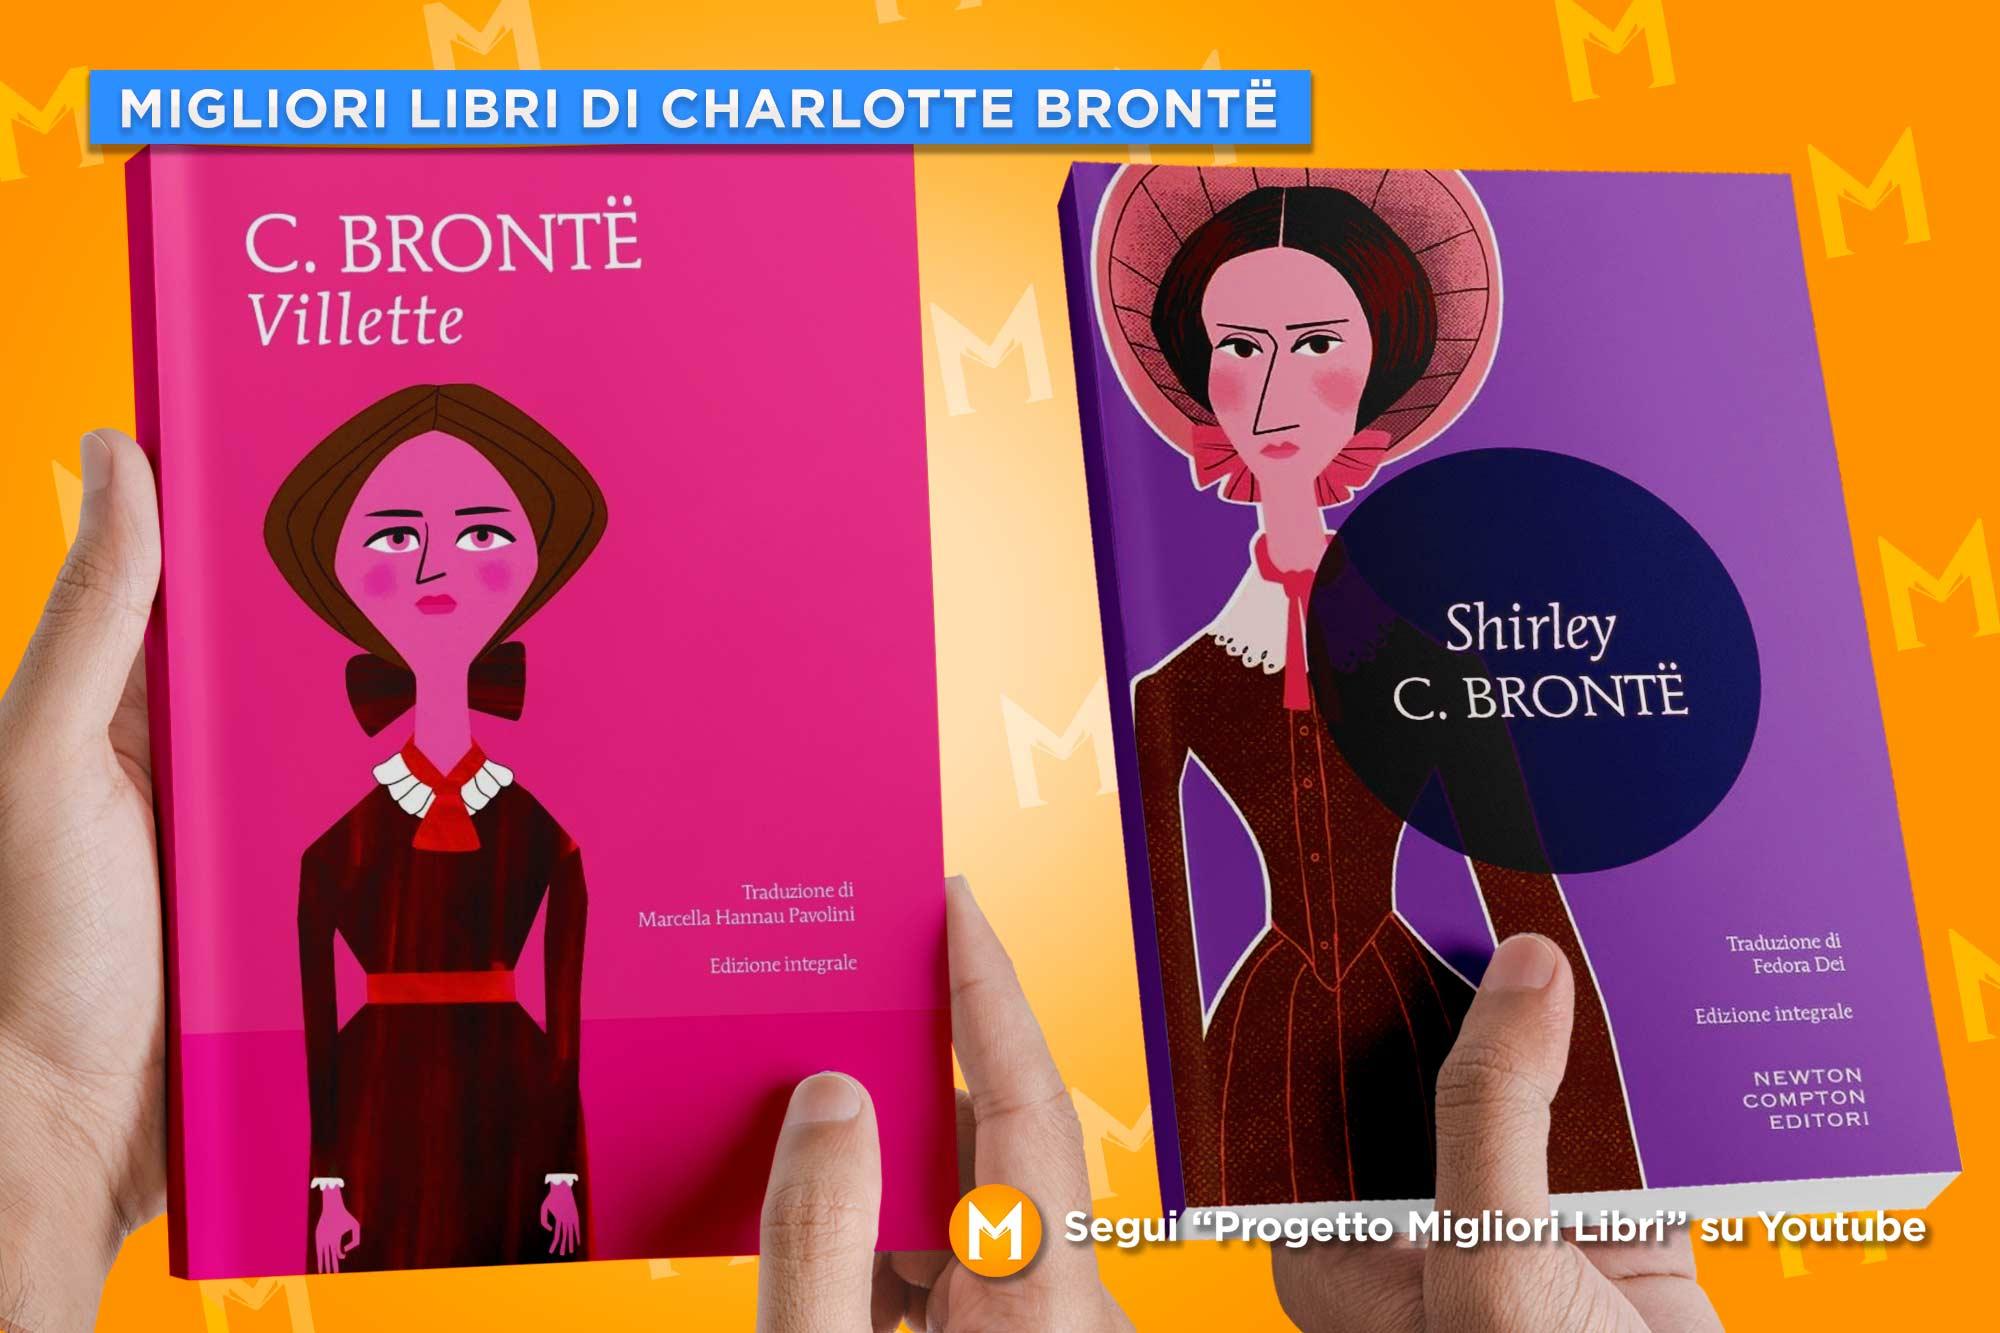 migliori-libri-charlotte-bronte